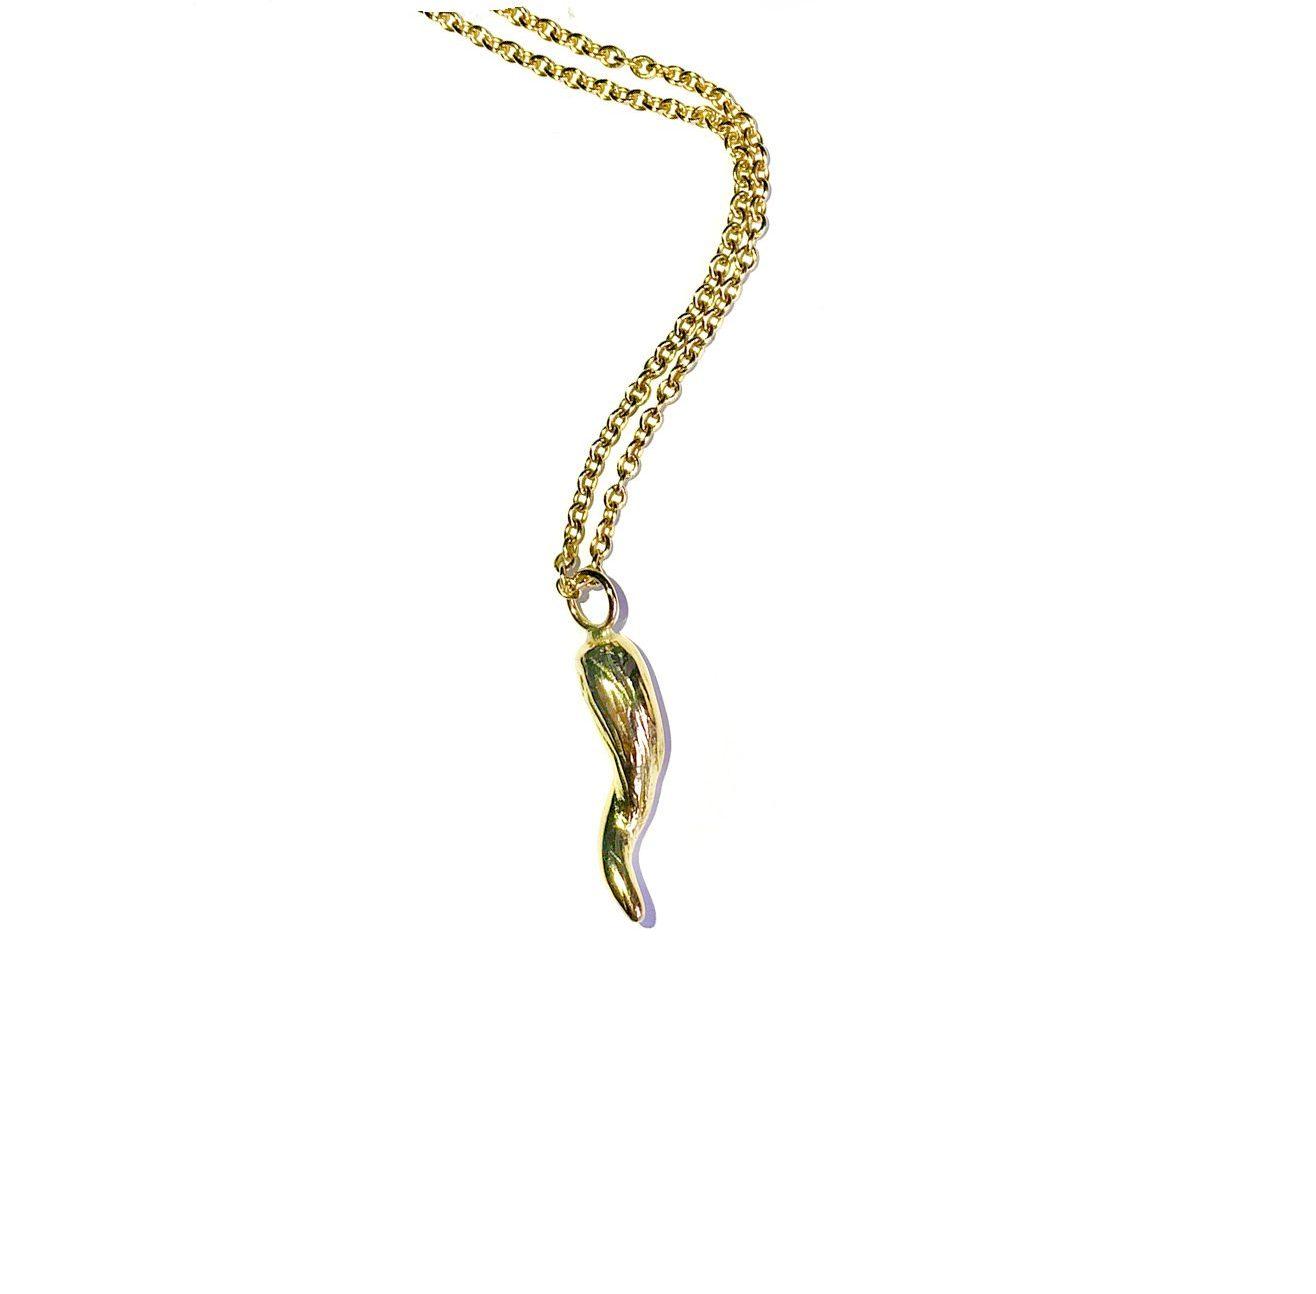 Cornicello Necklace